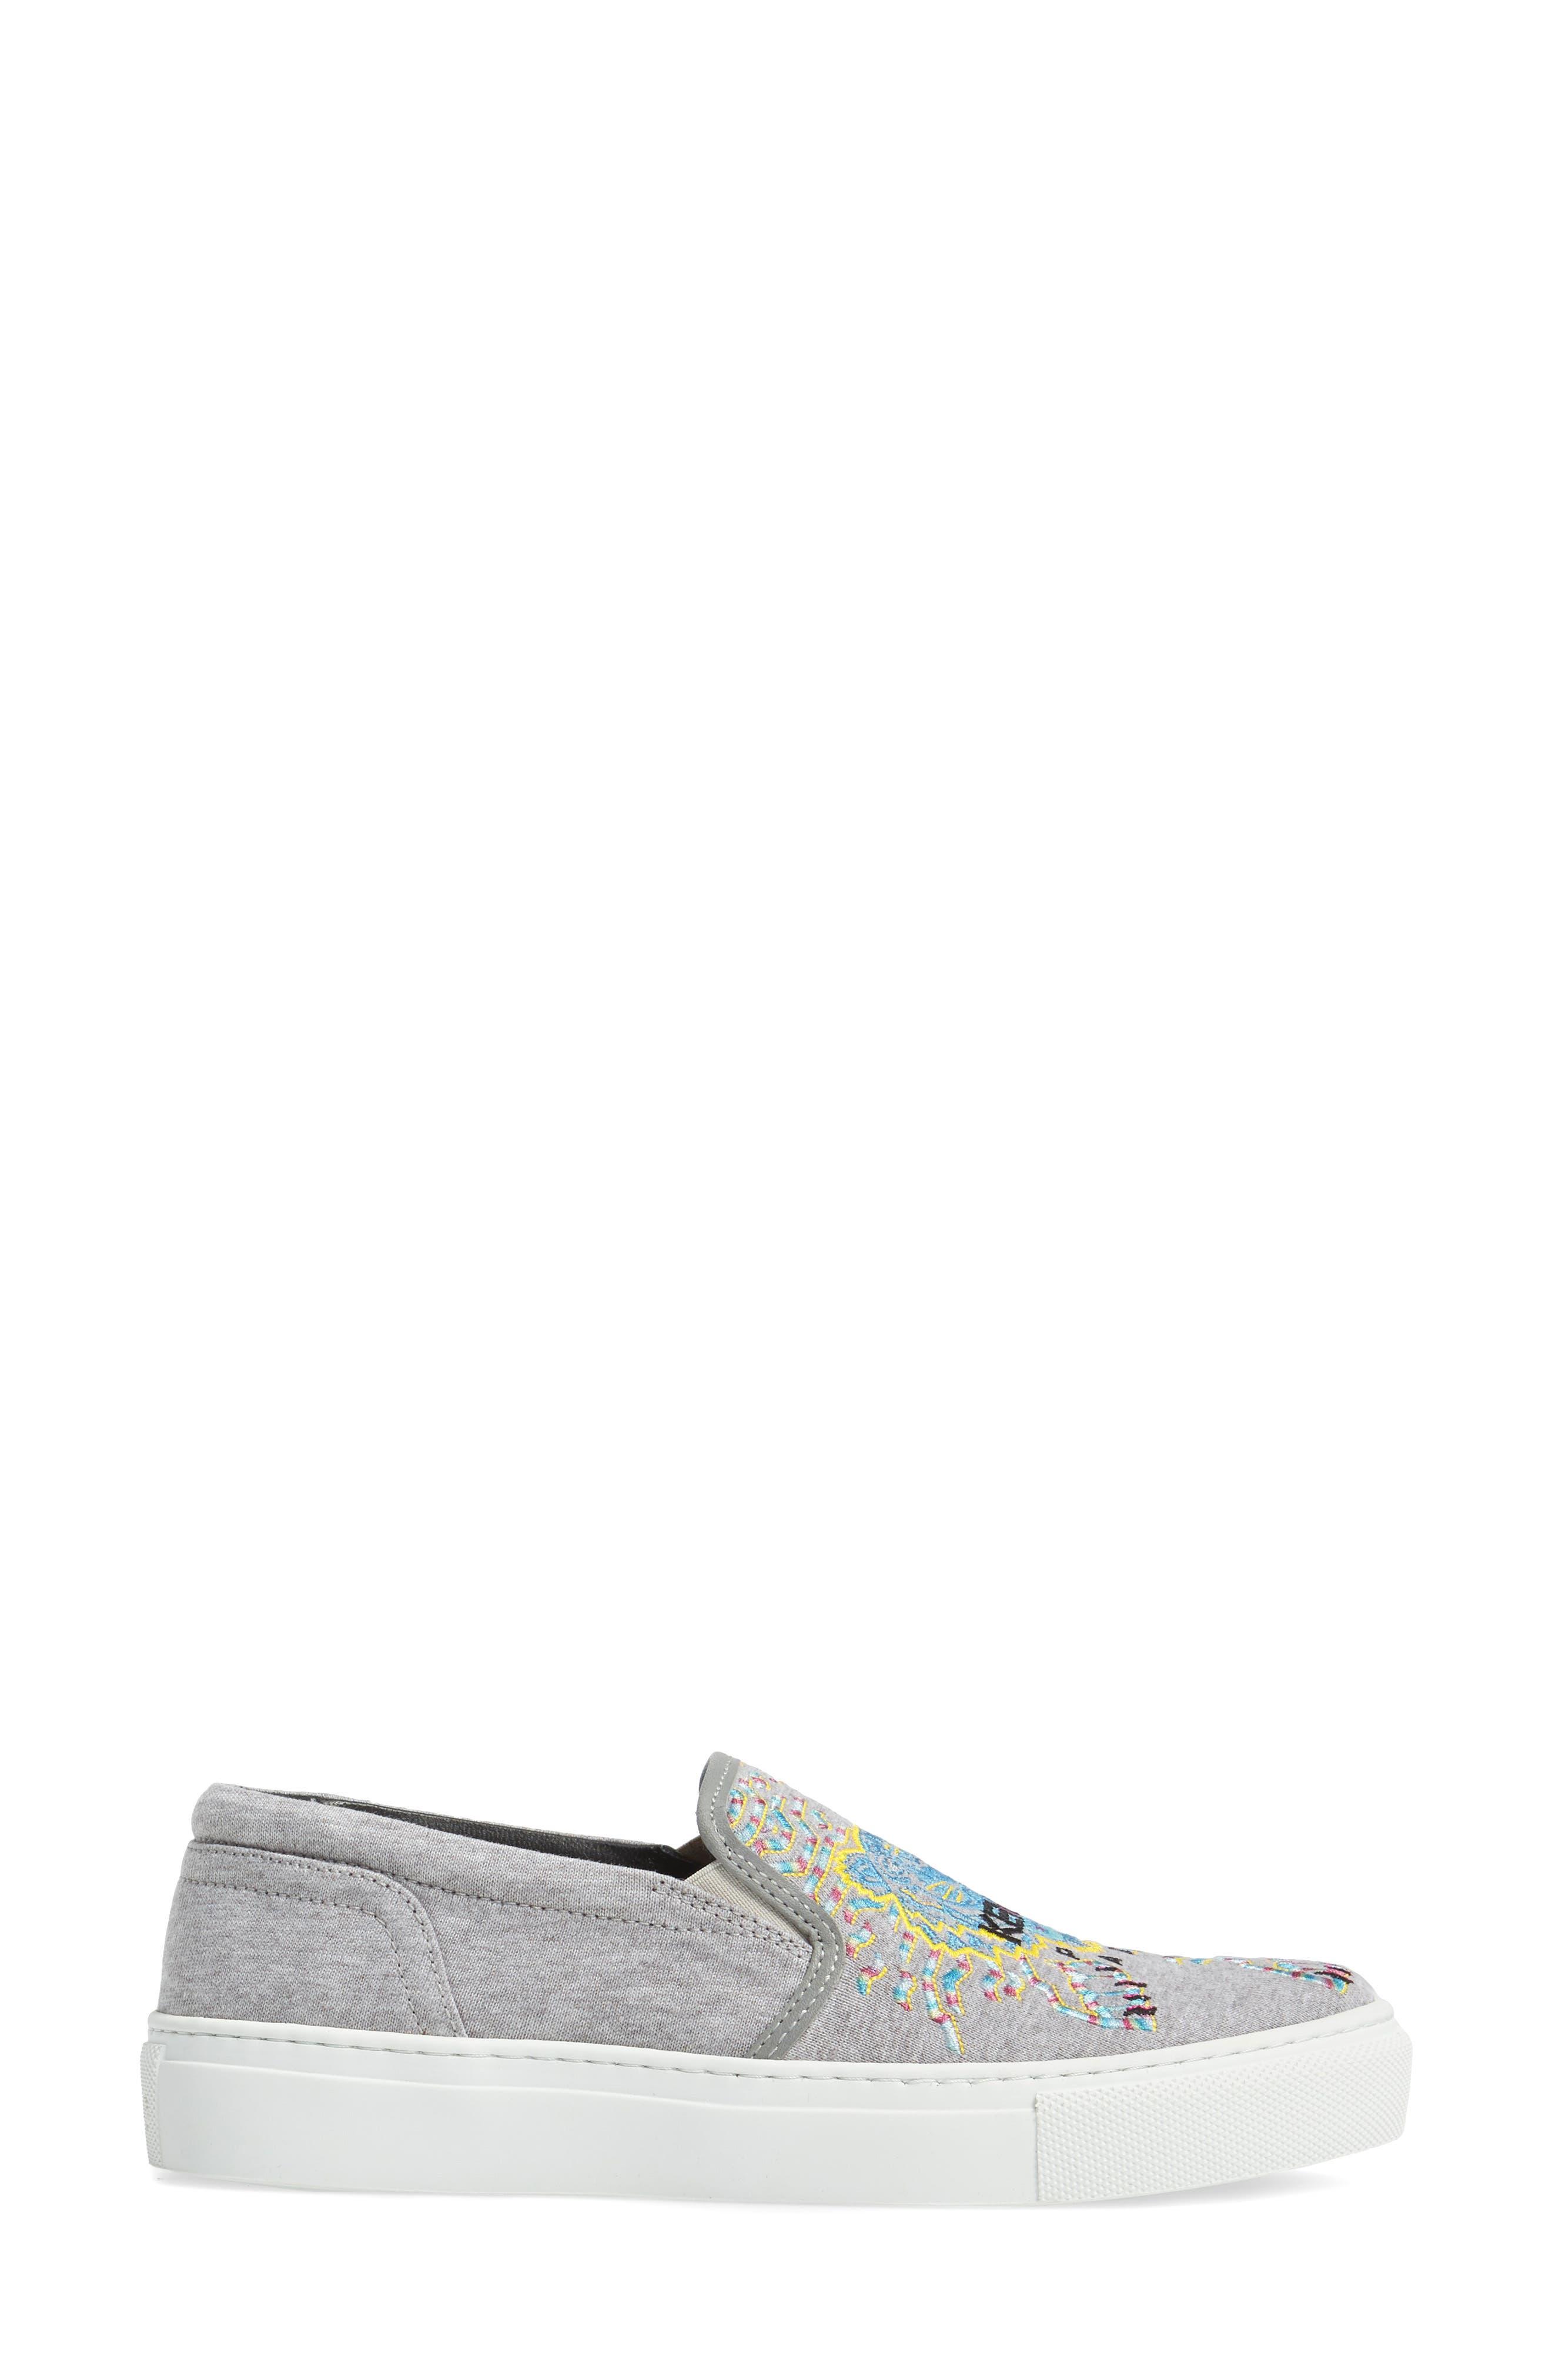 Alternate Image 3  - KENZO K Skate Embroidered Slip-On Sneaker (Women)